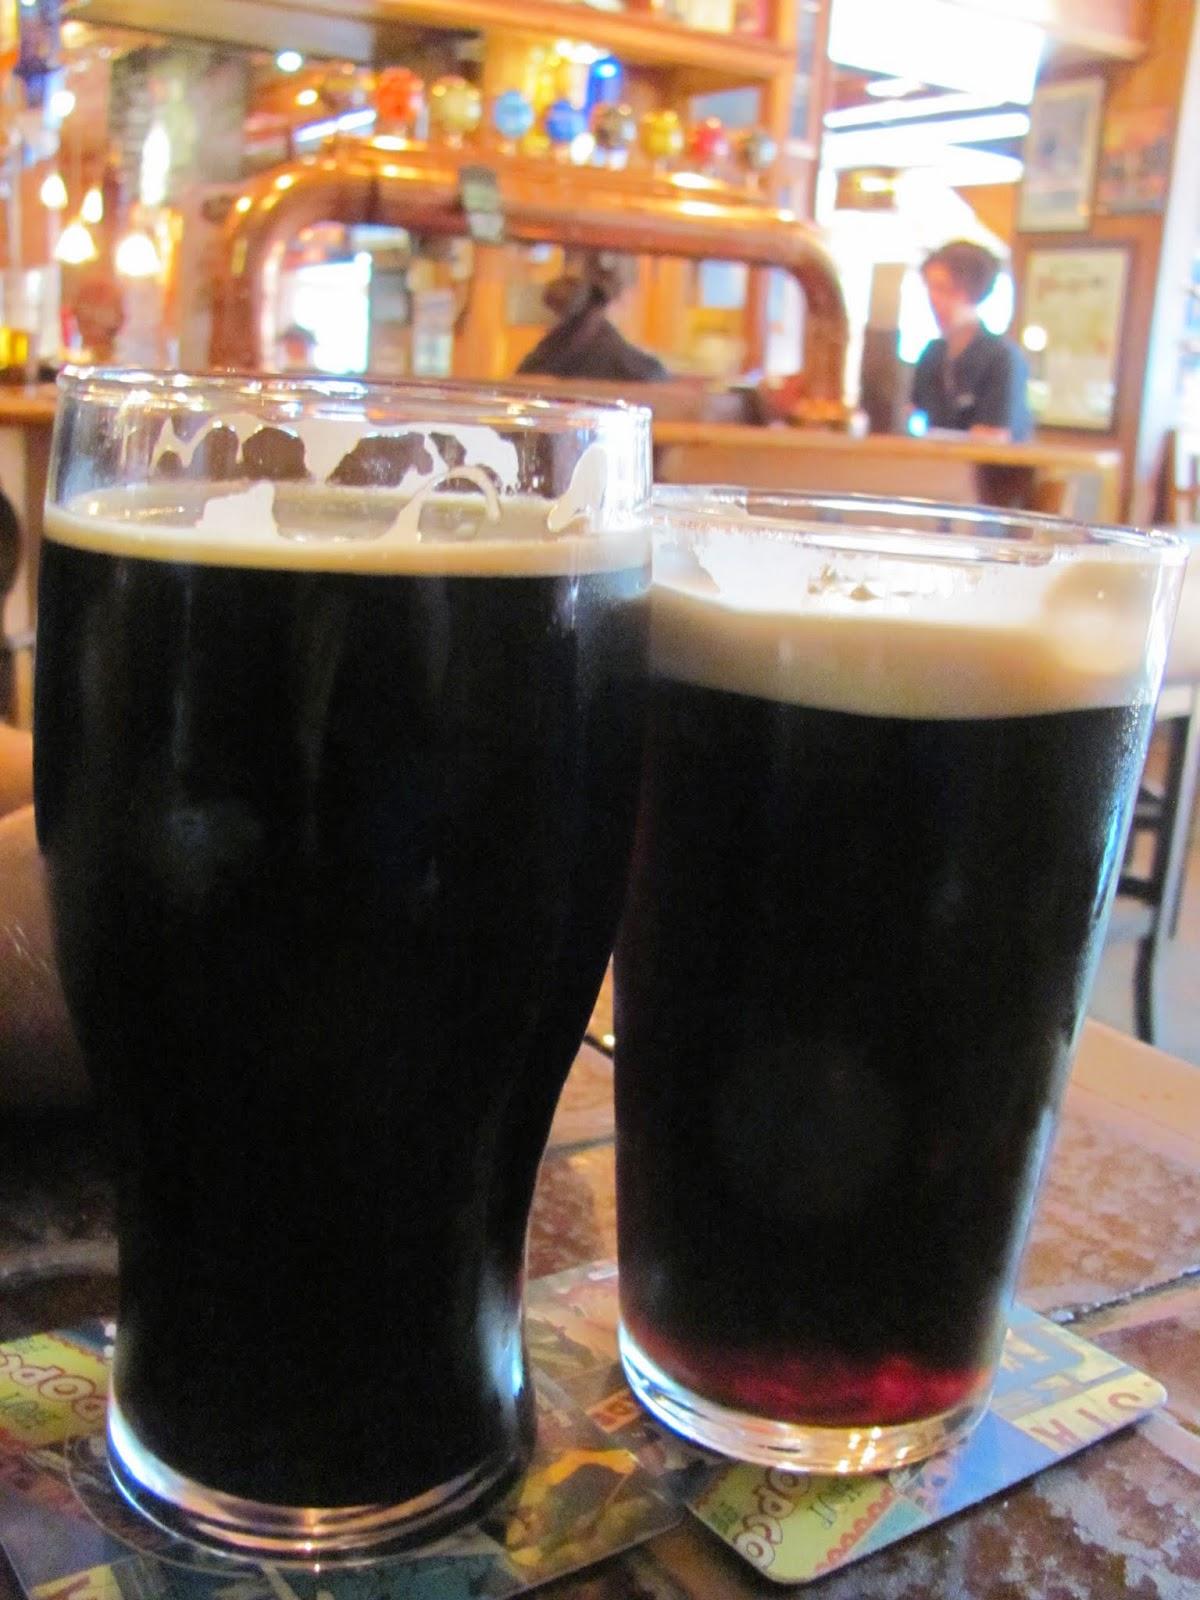 Celebration Porter (left) Plain Porter (right) at Porterhouse Dublin